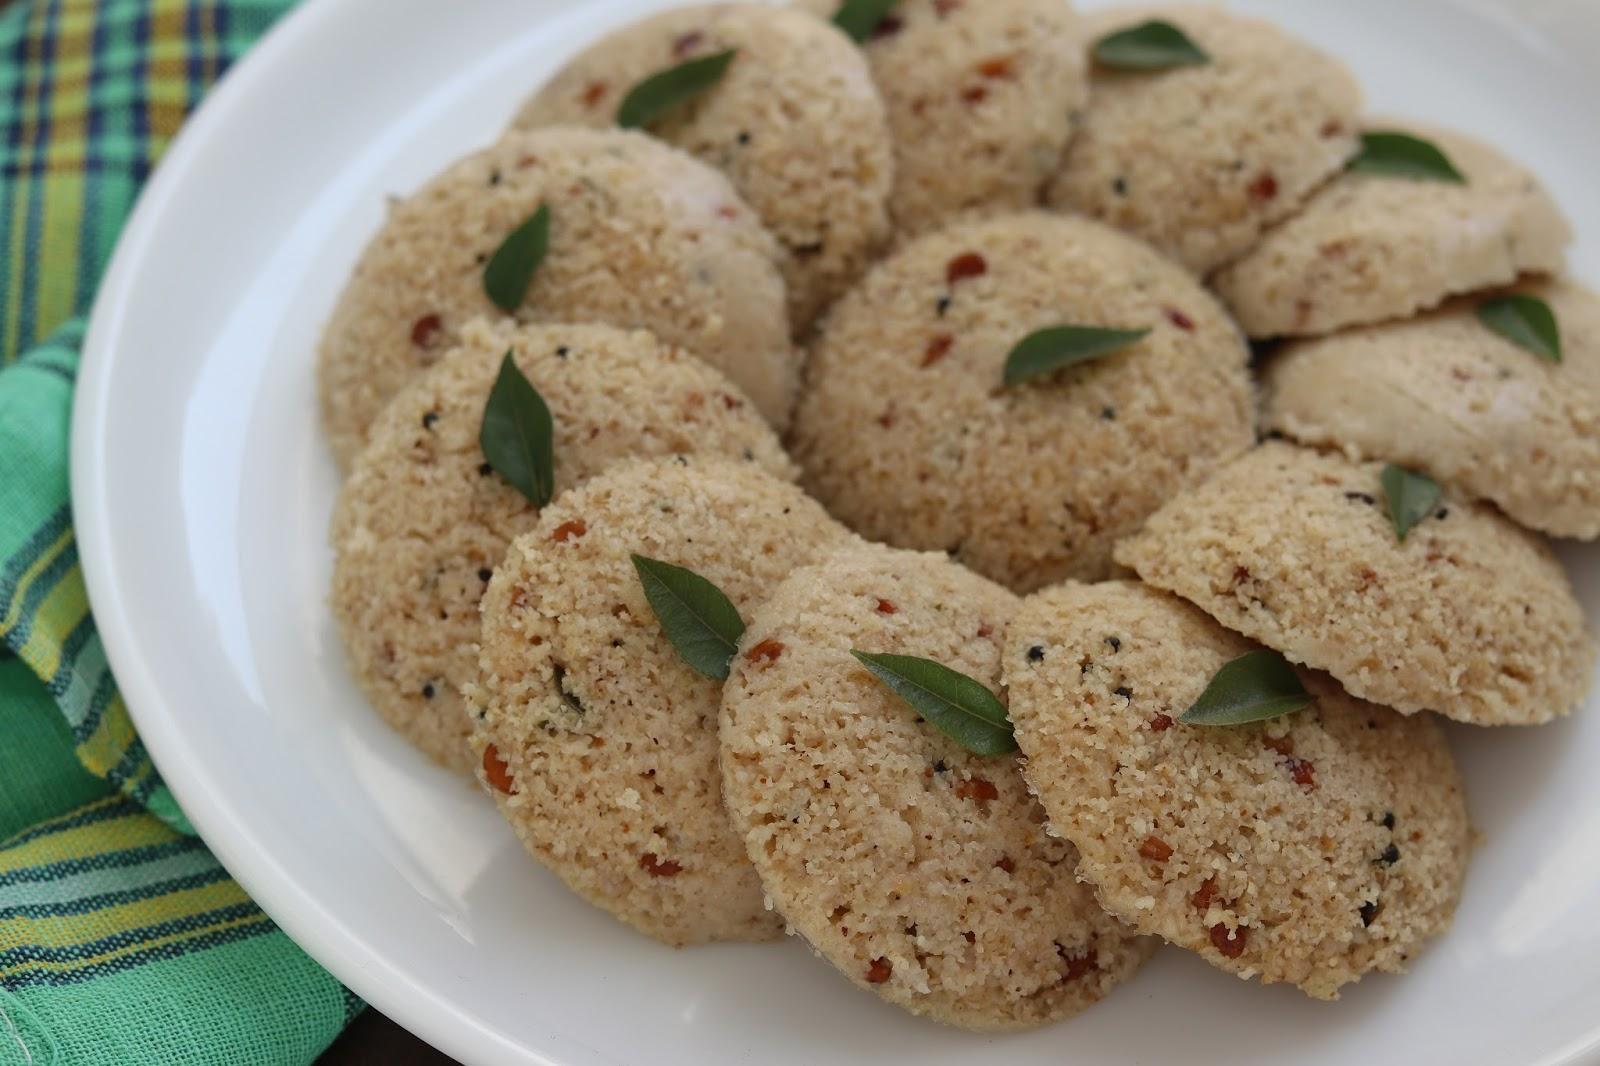 Oats idli recipe instant oats idli recipe masala oats idli recipe